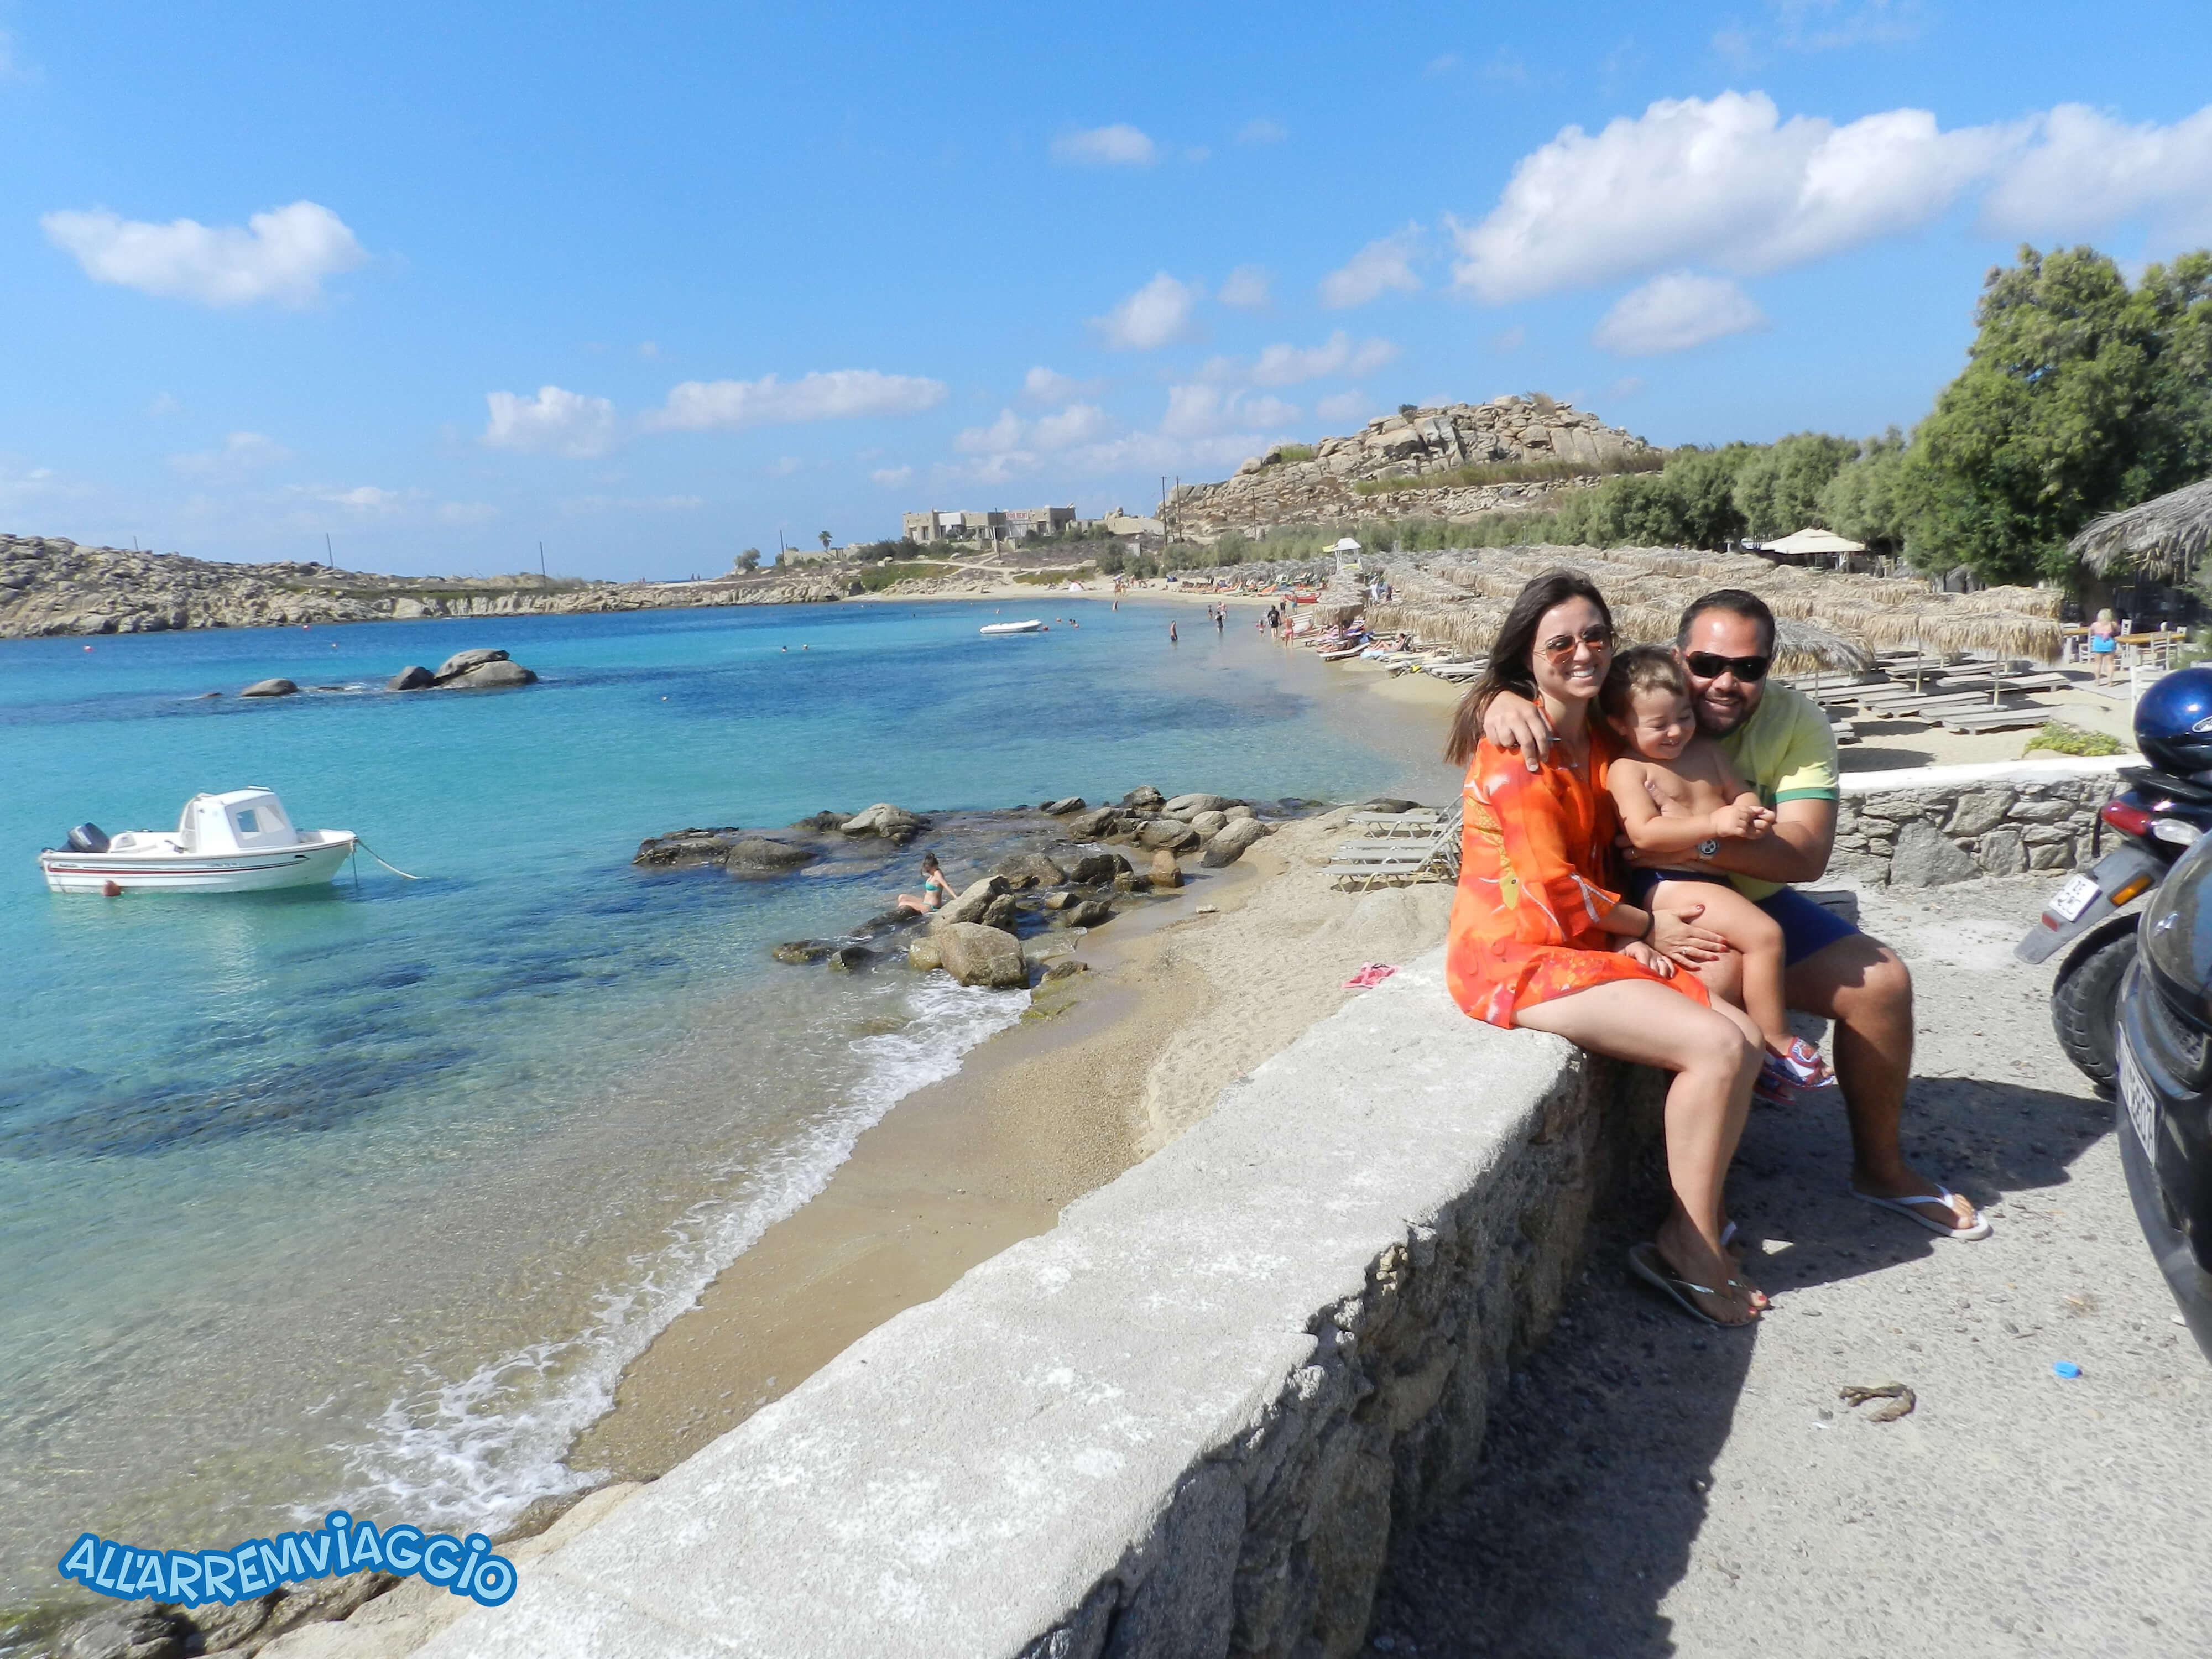 spiagge, imperdibili, mykonos, cicladi, grecia, mare, spiaggedasogno, Paranga